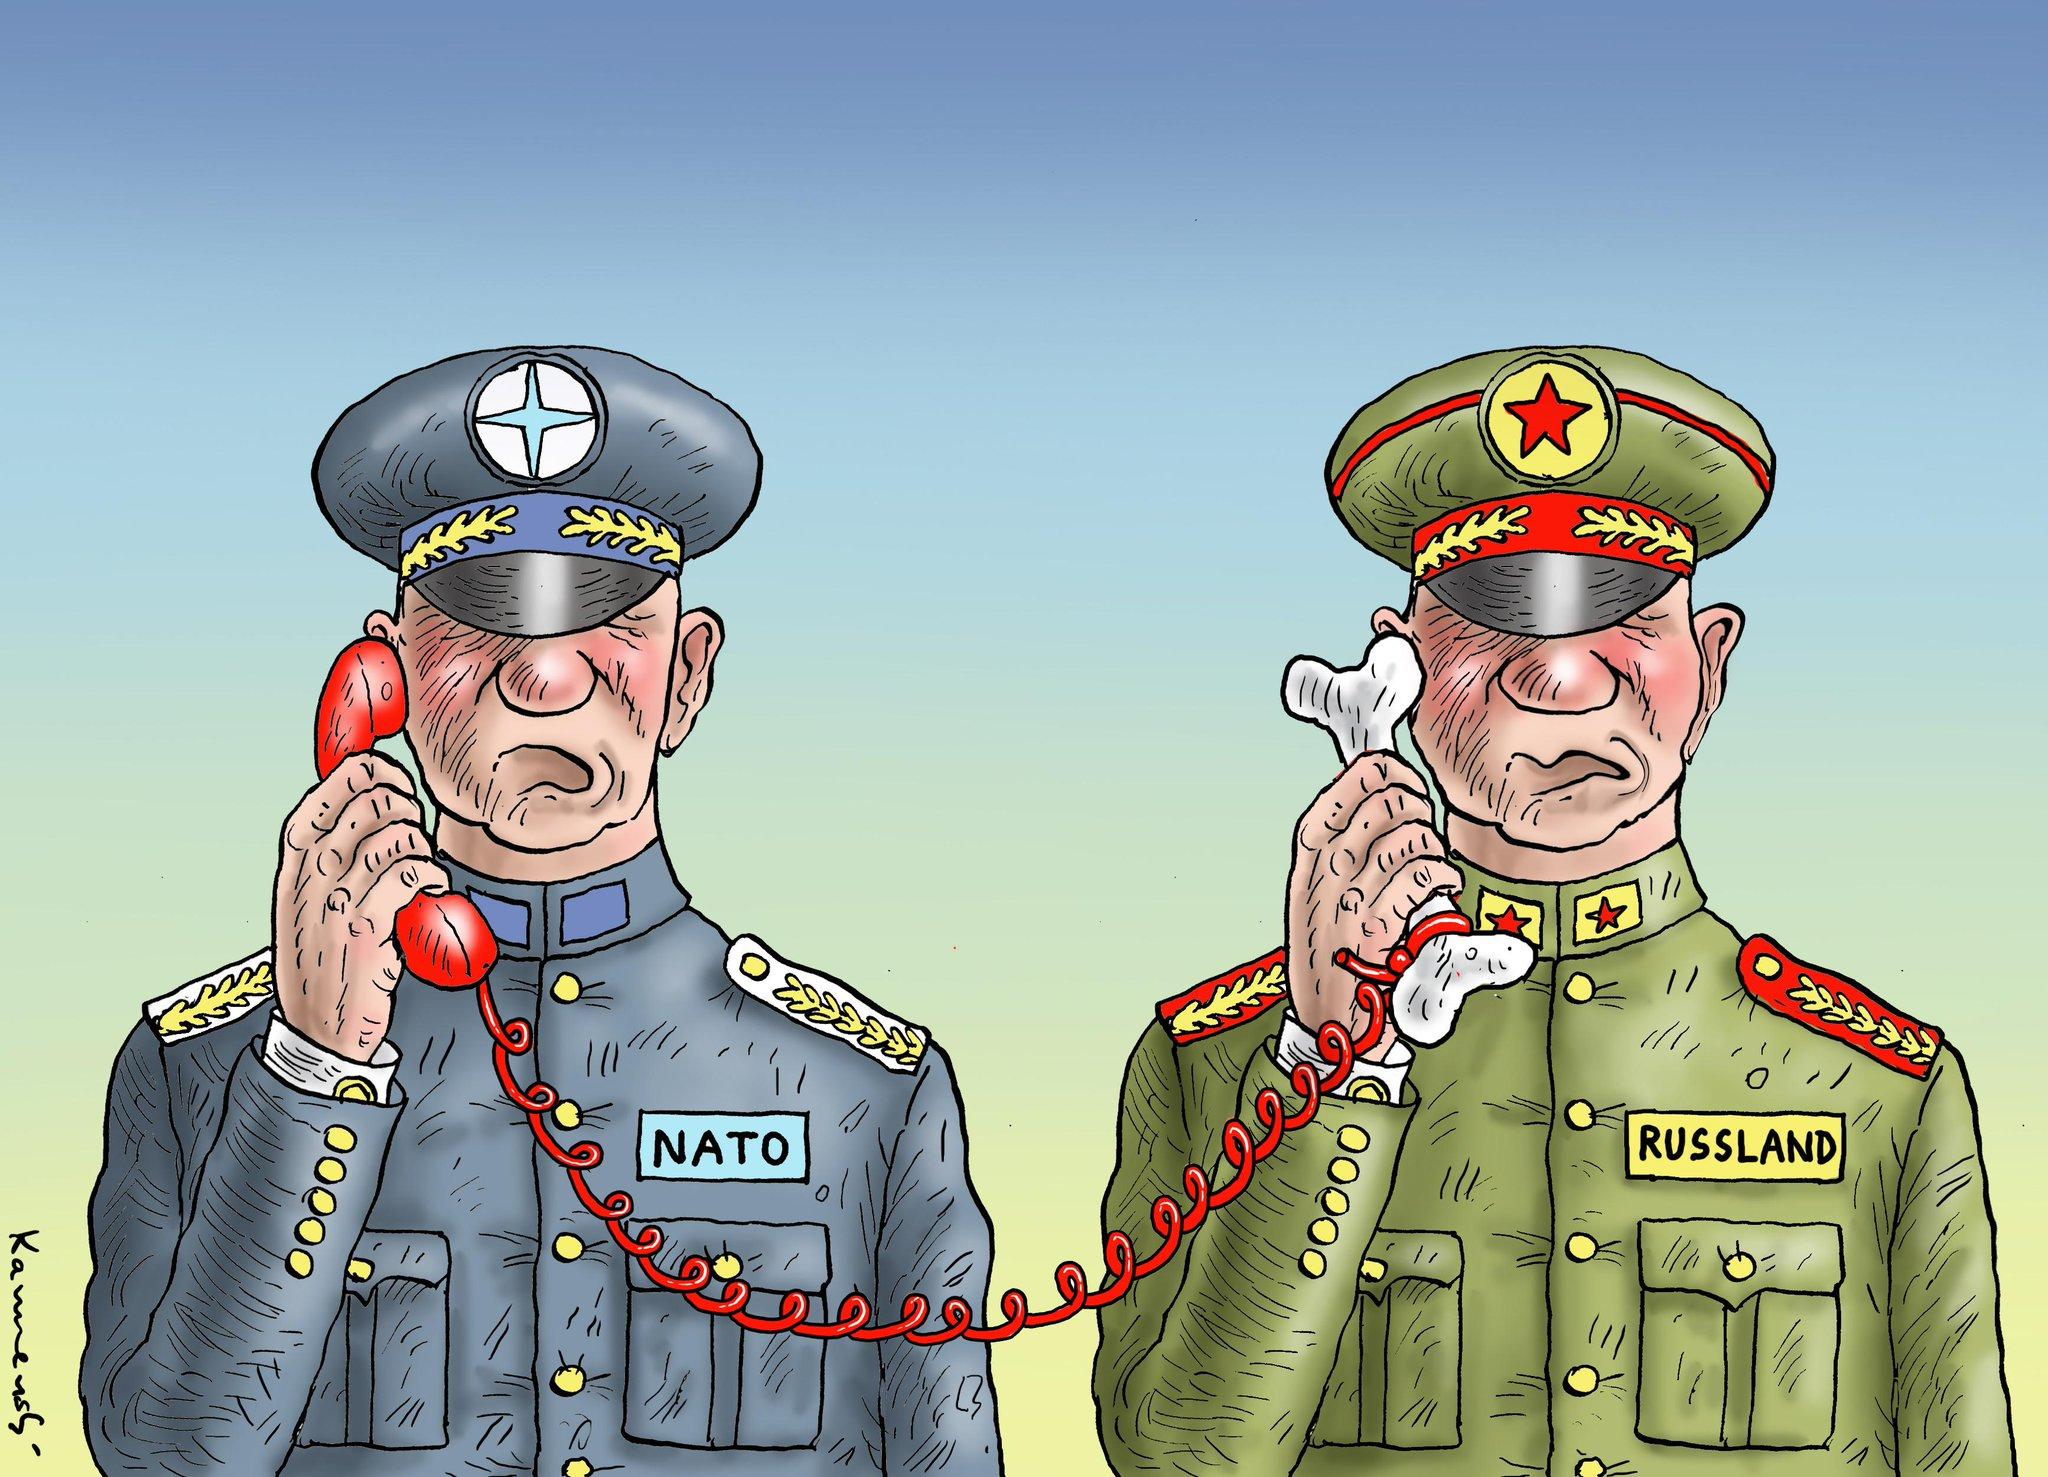 """НАТО устанавливает """"горячую линию"""" с российским военным командованием, - FAZ - Цензор.НЕТ 8393"""